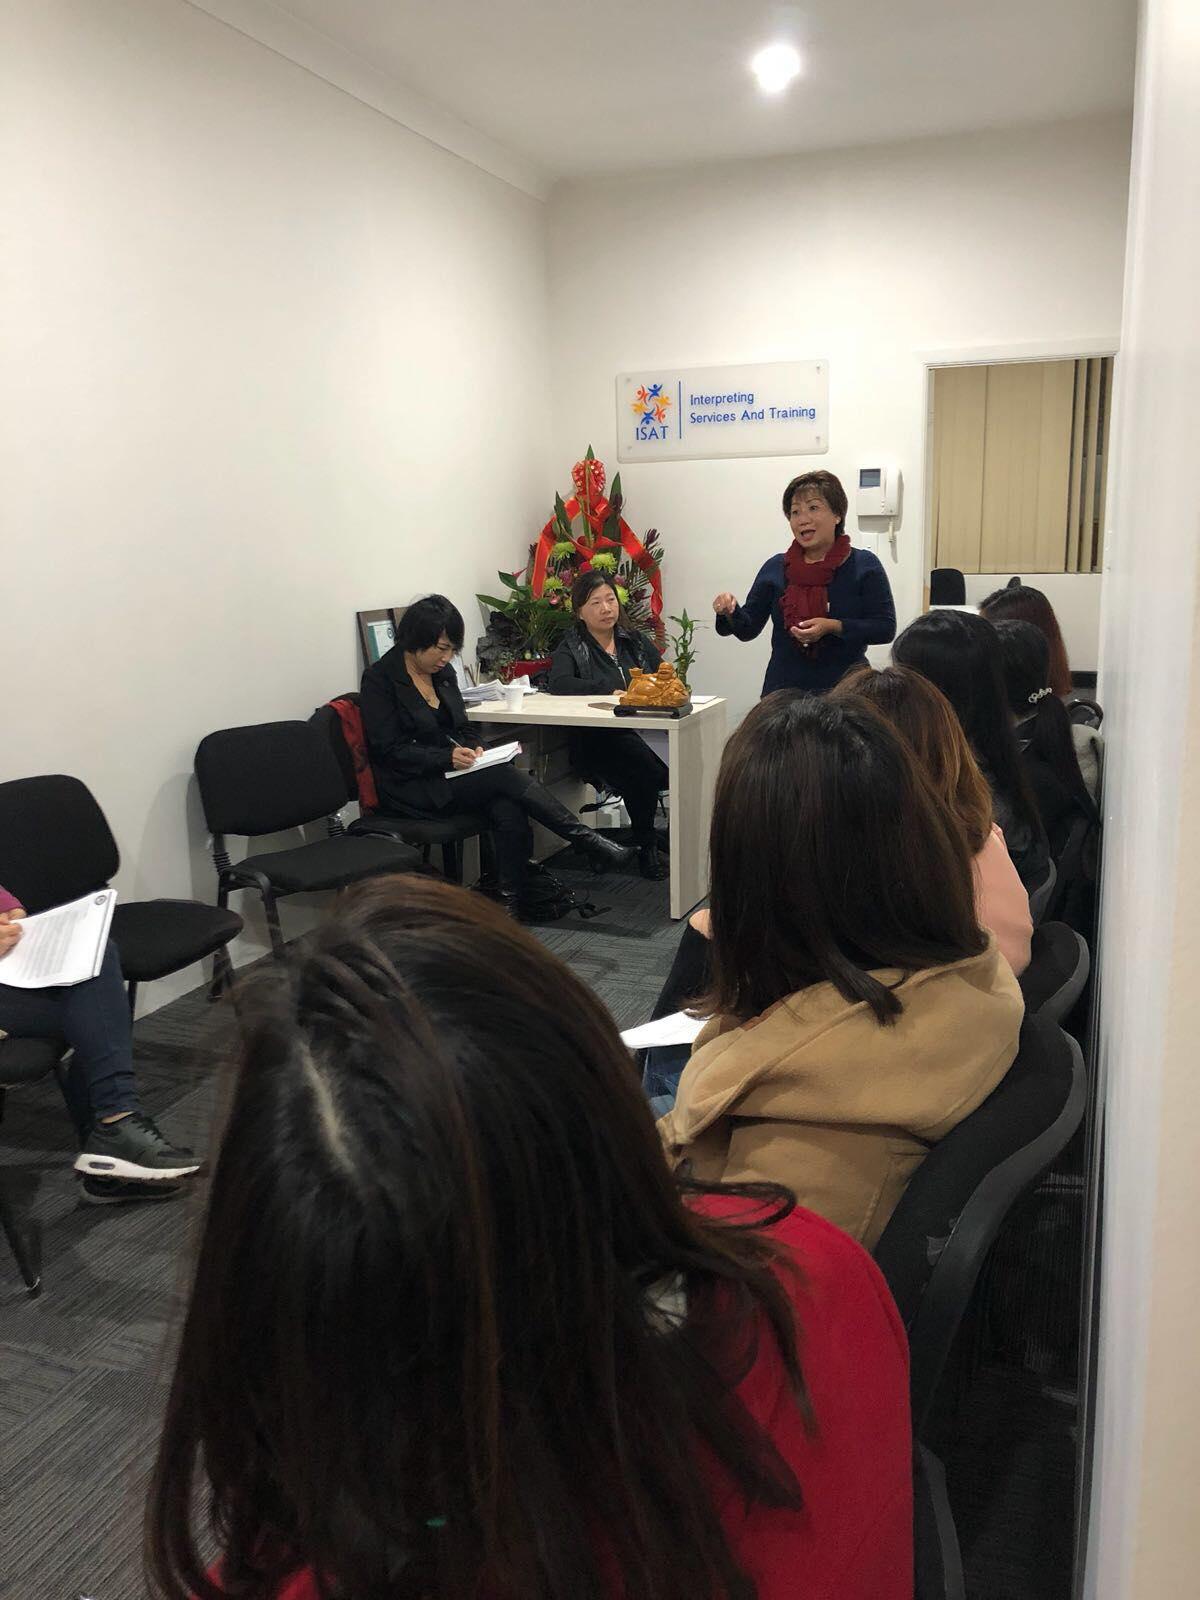 Lớp học CLL cô Thu Hua2 - Cách thêm 5 điểm vào hồ sơ quốc tịch Úc dễ dàng với bài thi NAATI CCL 2018